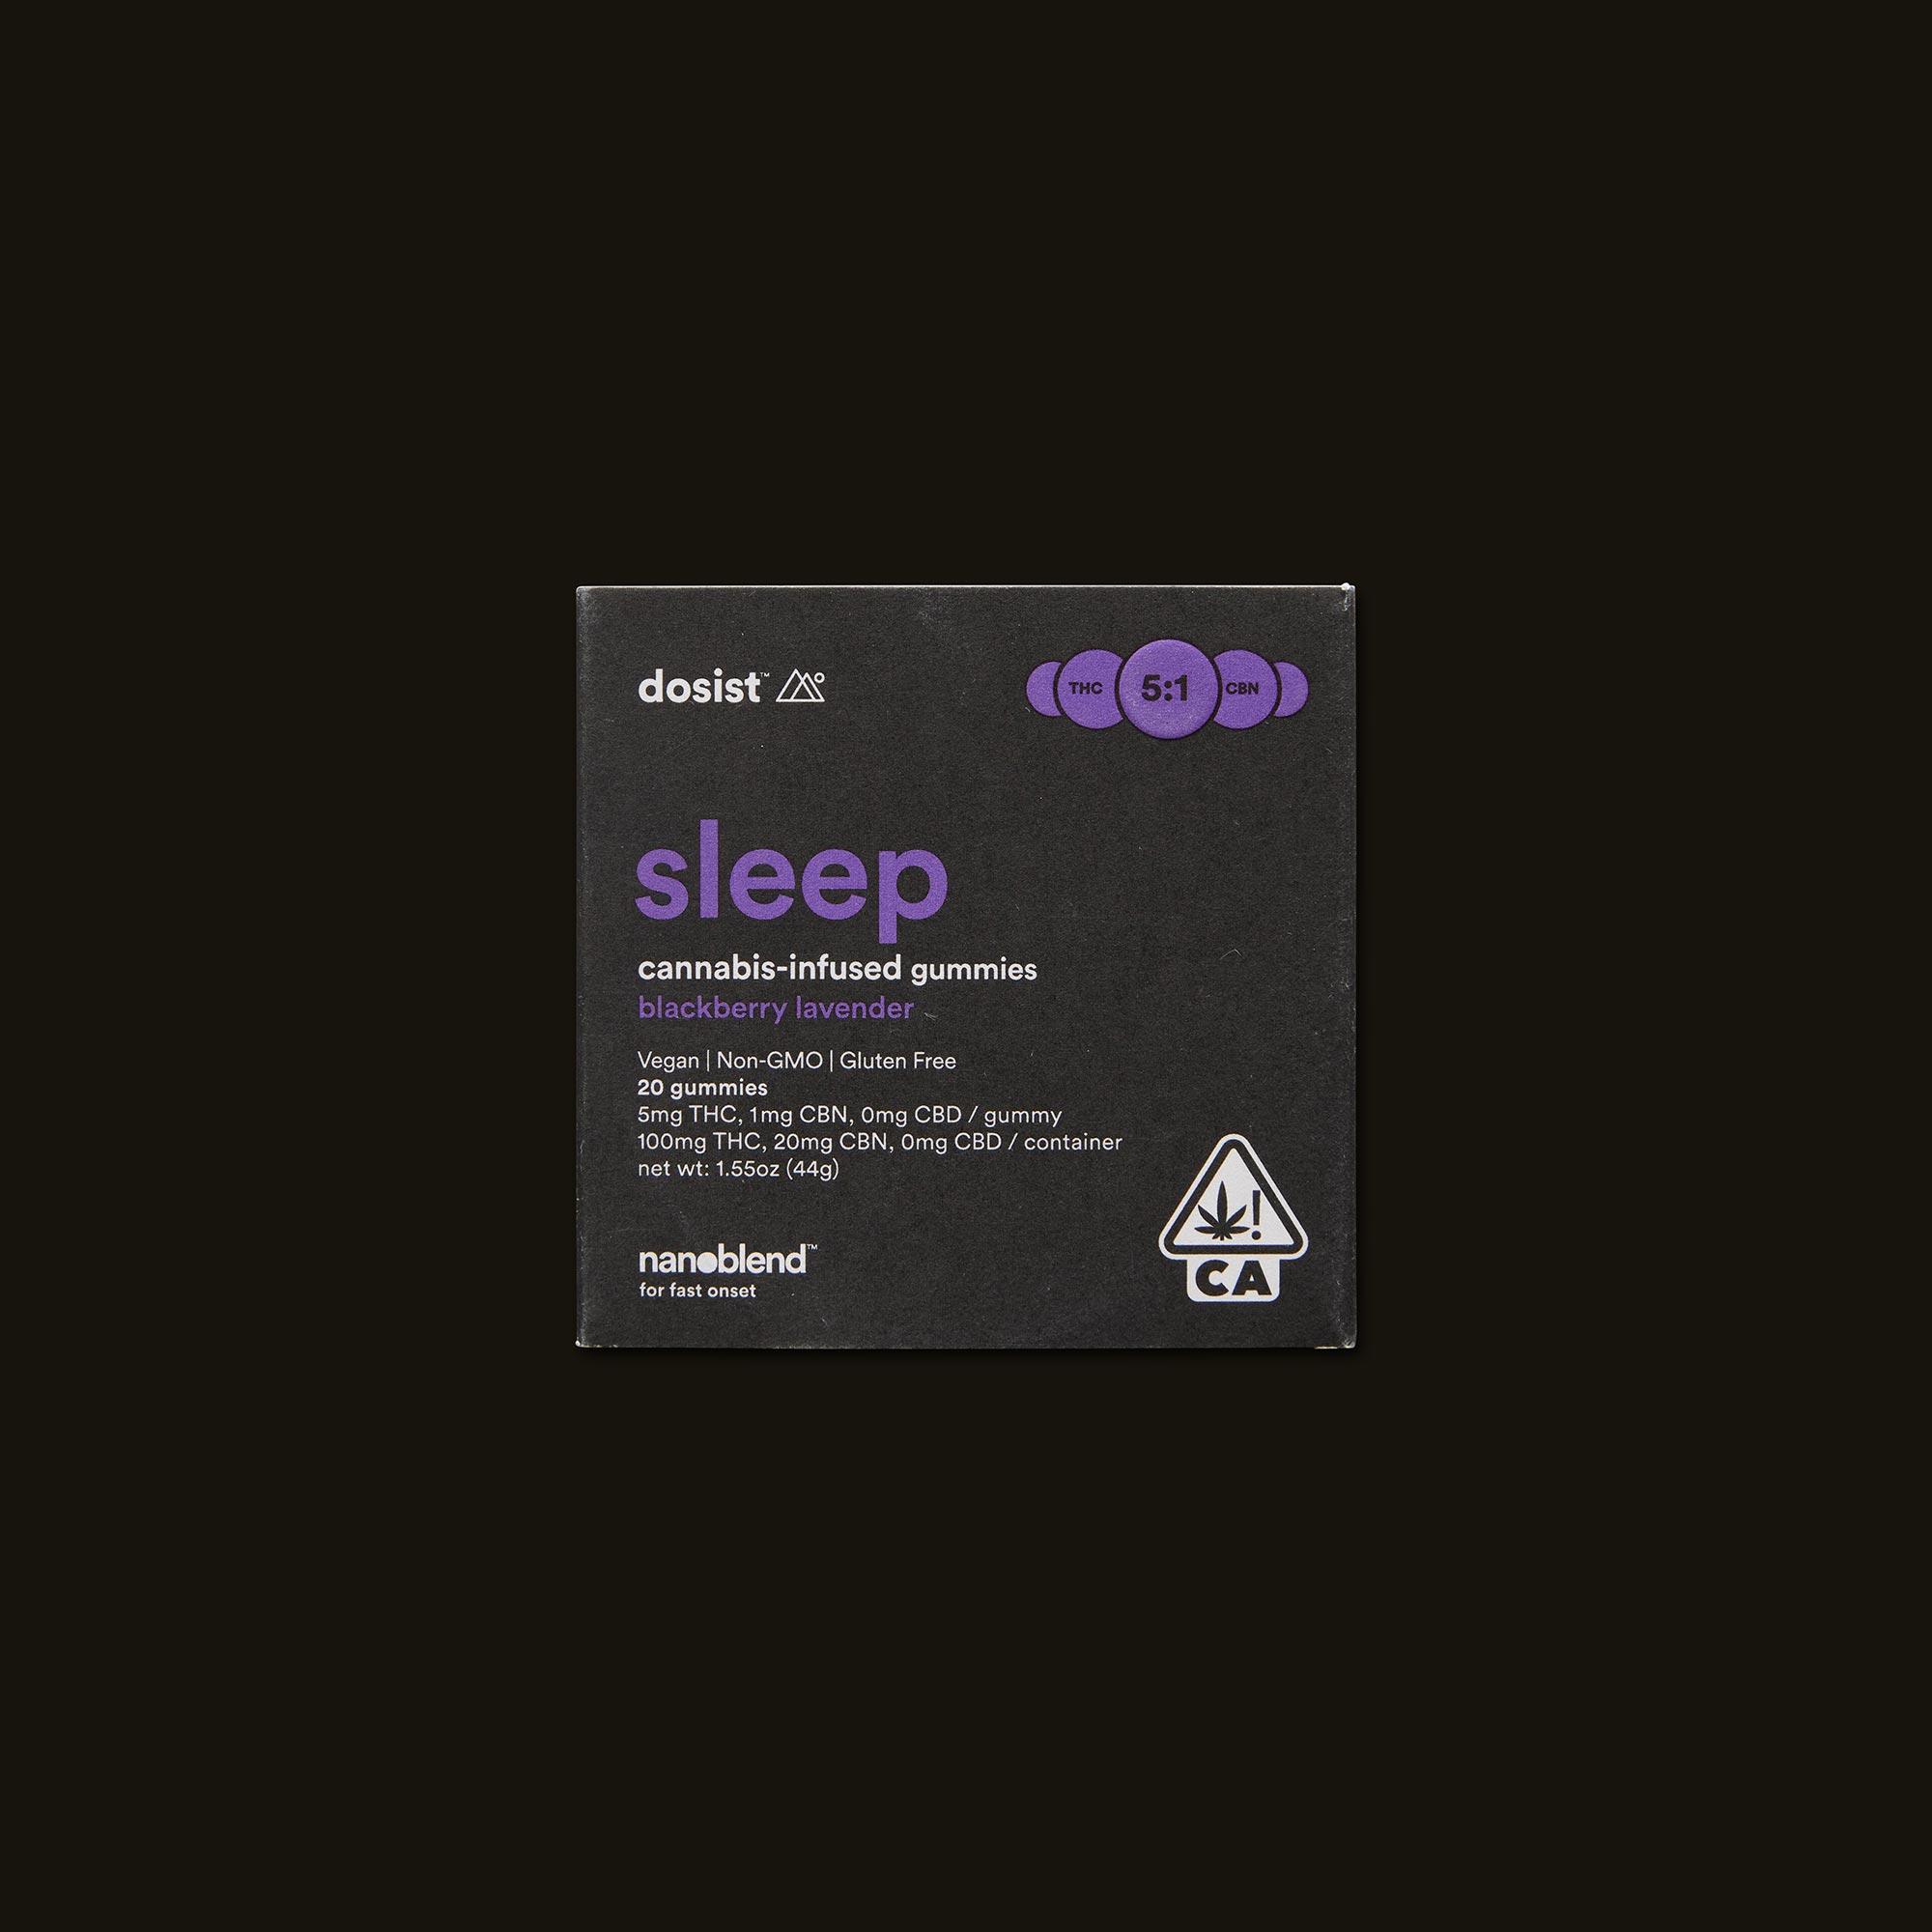 dosist sleep blackberry lavender gummies front packaging